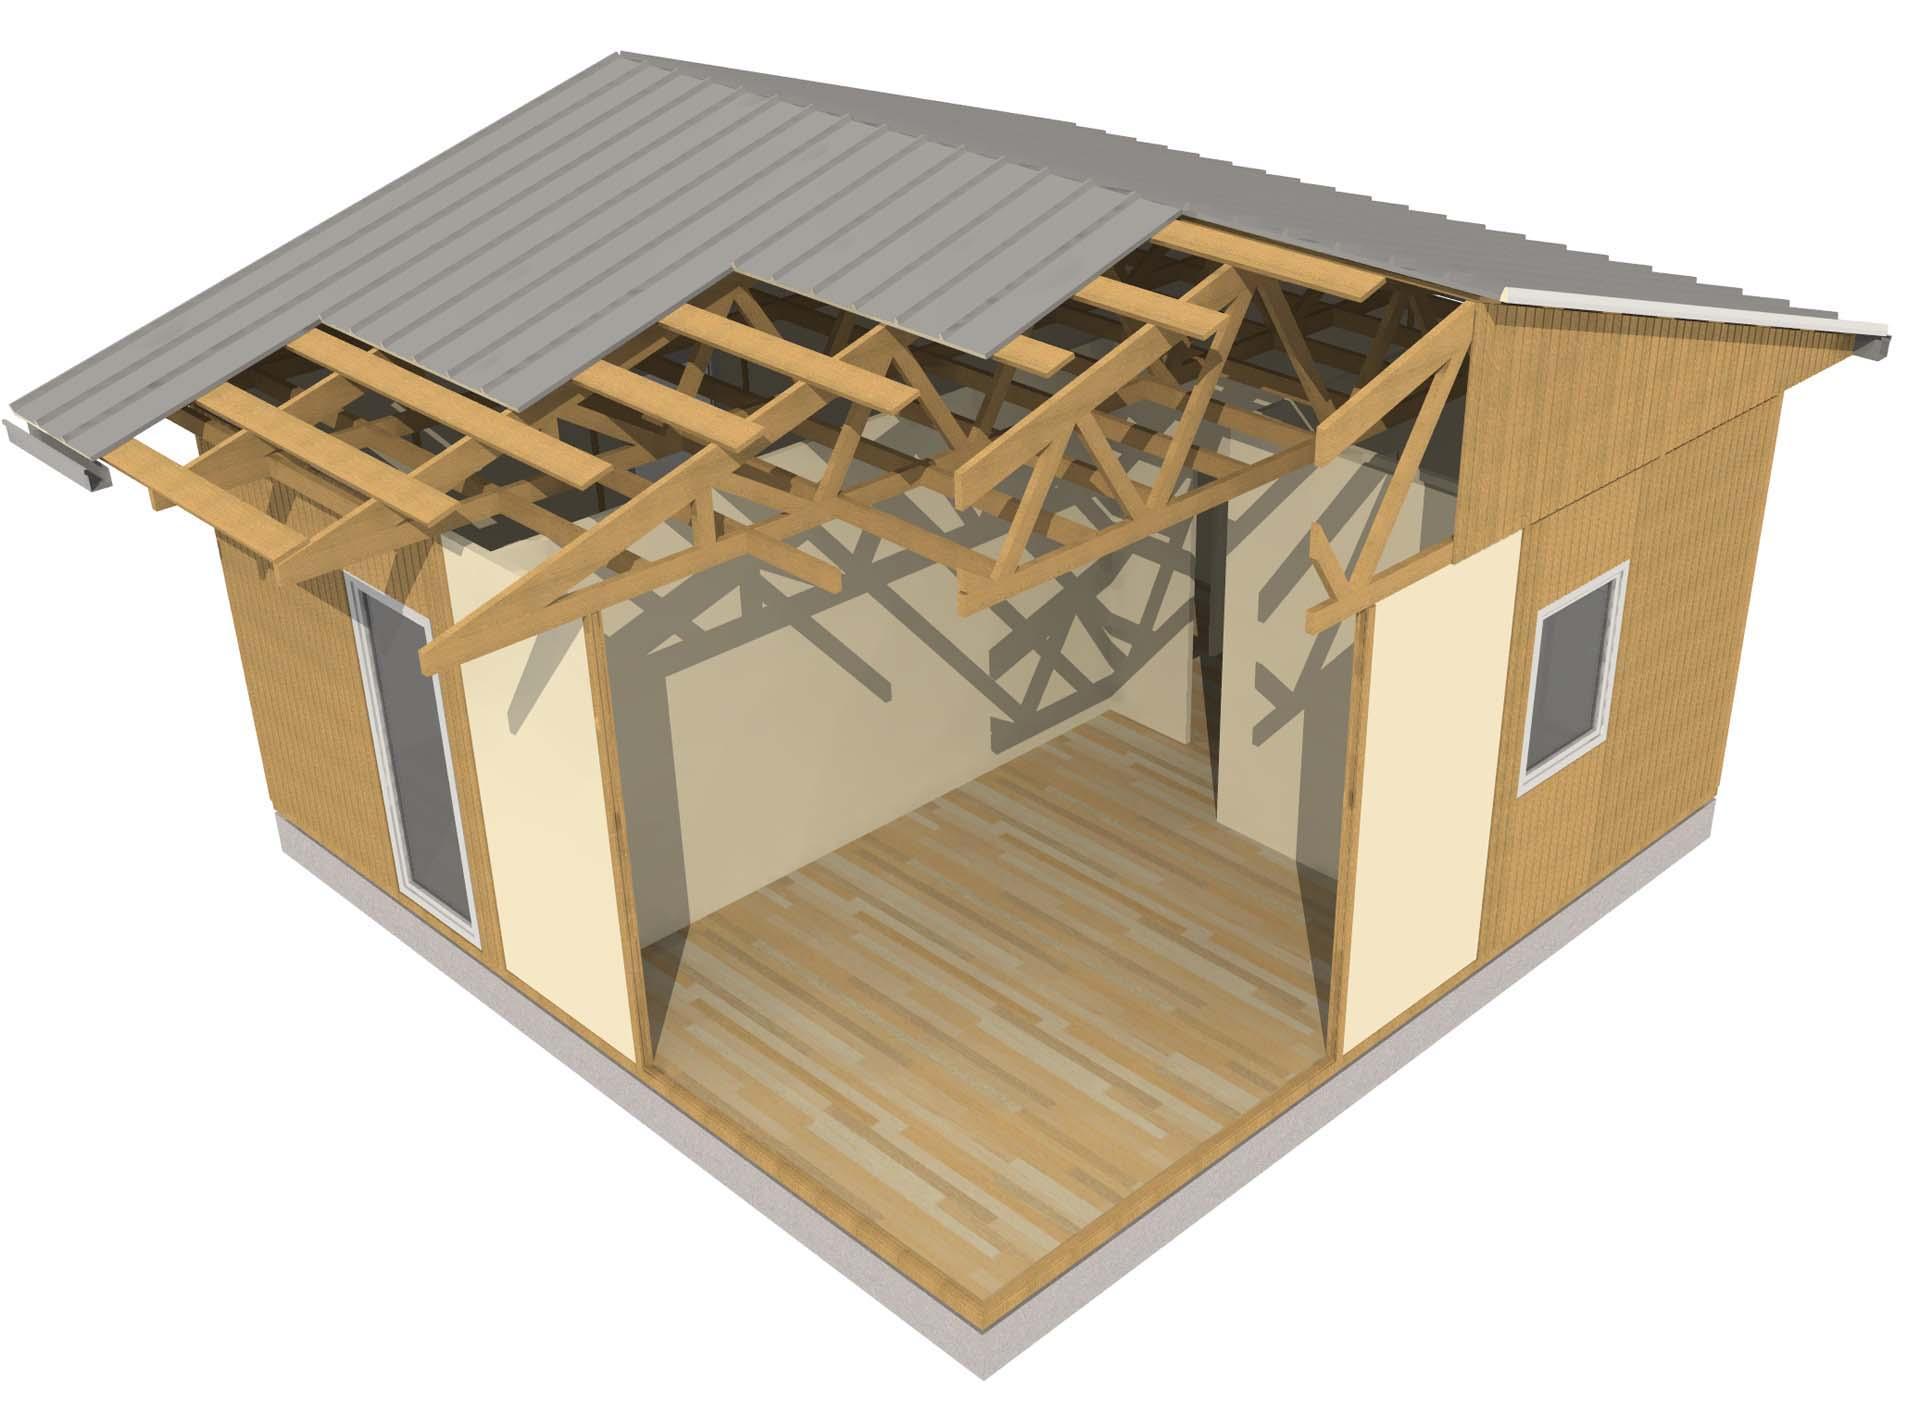 ILLE FAST sistema modulare casa in legno